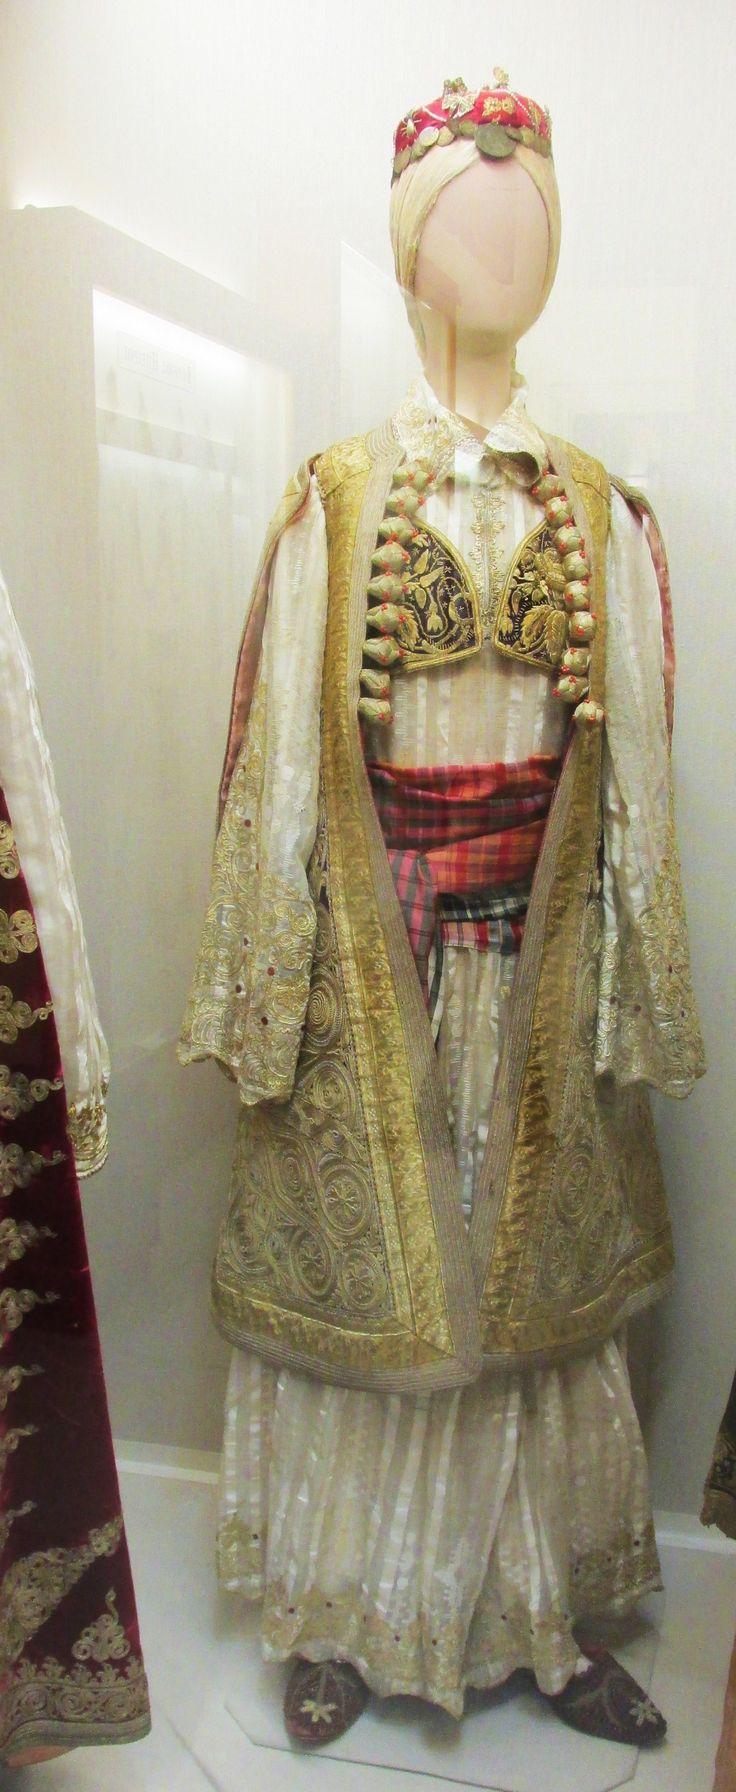 Παραδοσιακή φορεσια απο την Βόρειο Ήπειρο.(Εθνικό Ιστορικό Μουσείο,Αθήνα)